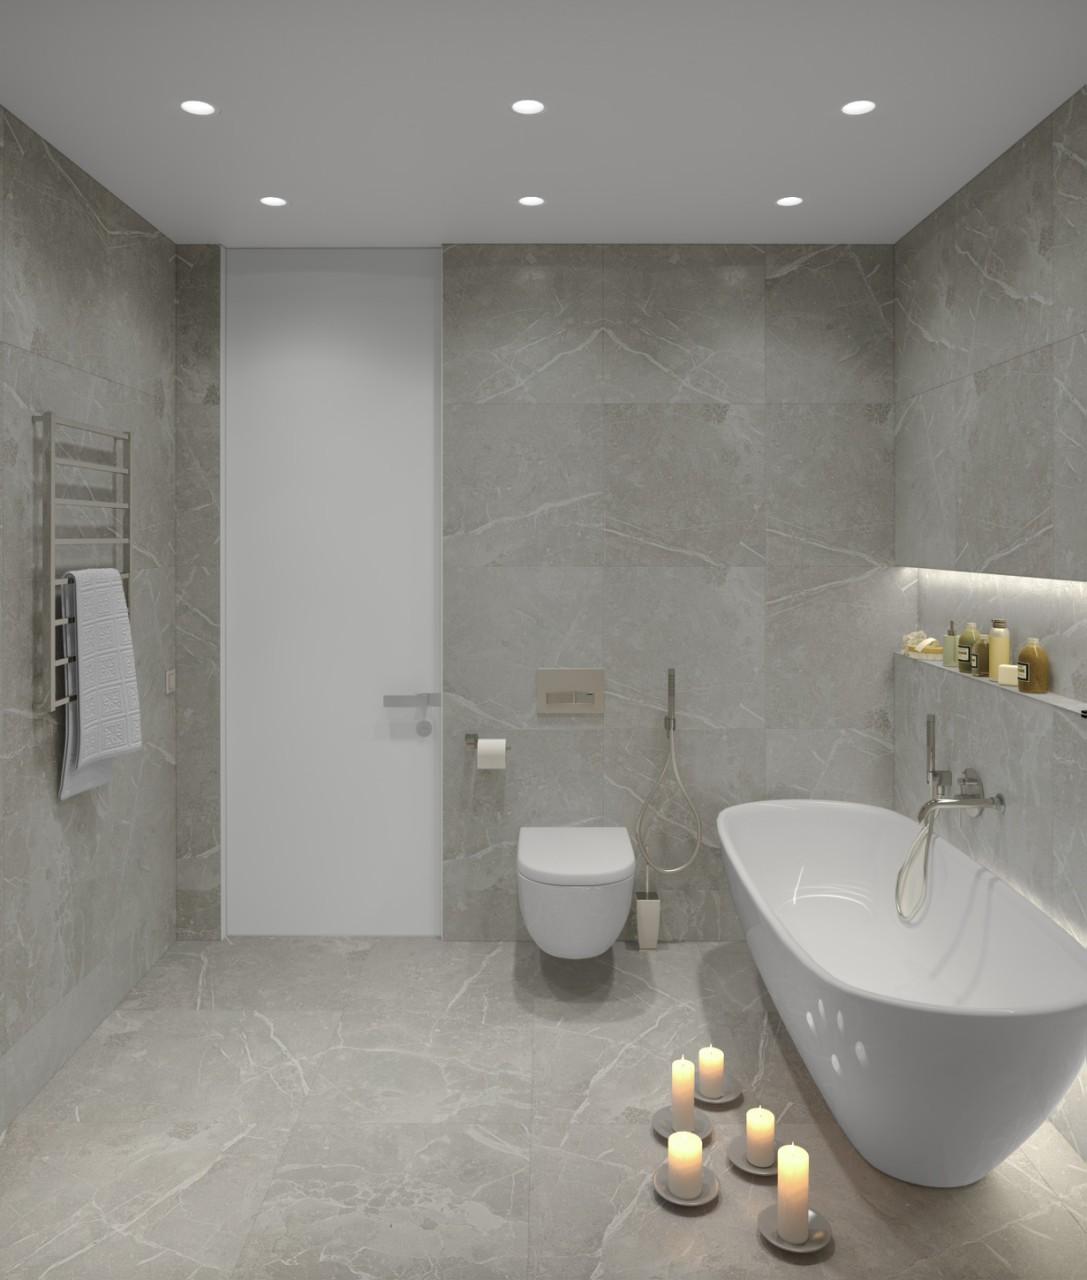 Barhroom01